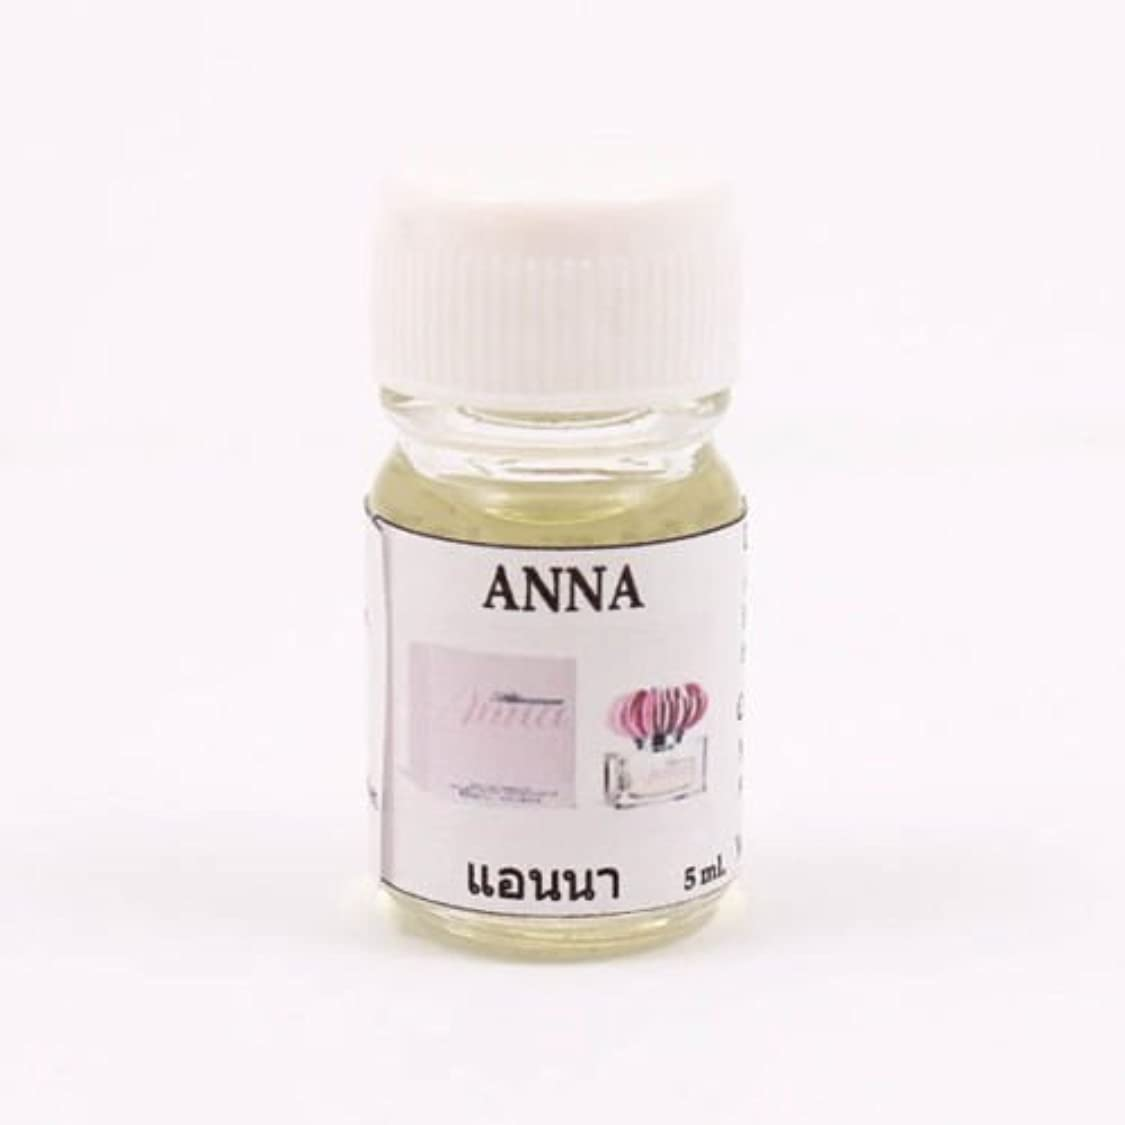 徹底くつろぐカウント6X Anna Aroma Fragrance Essential Oil 5ML. (cc) Diffuser Burner Therapy